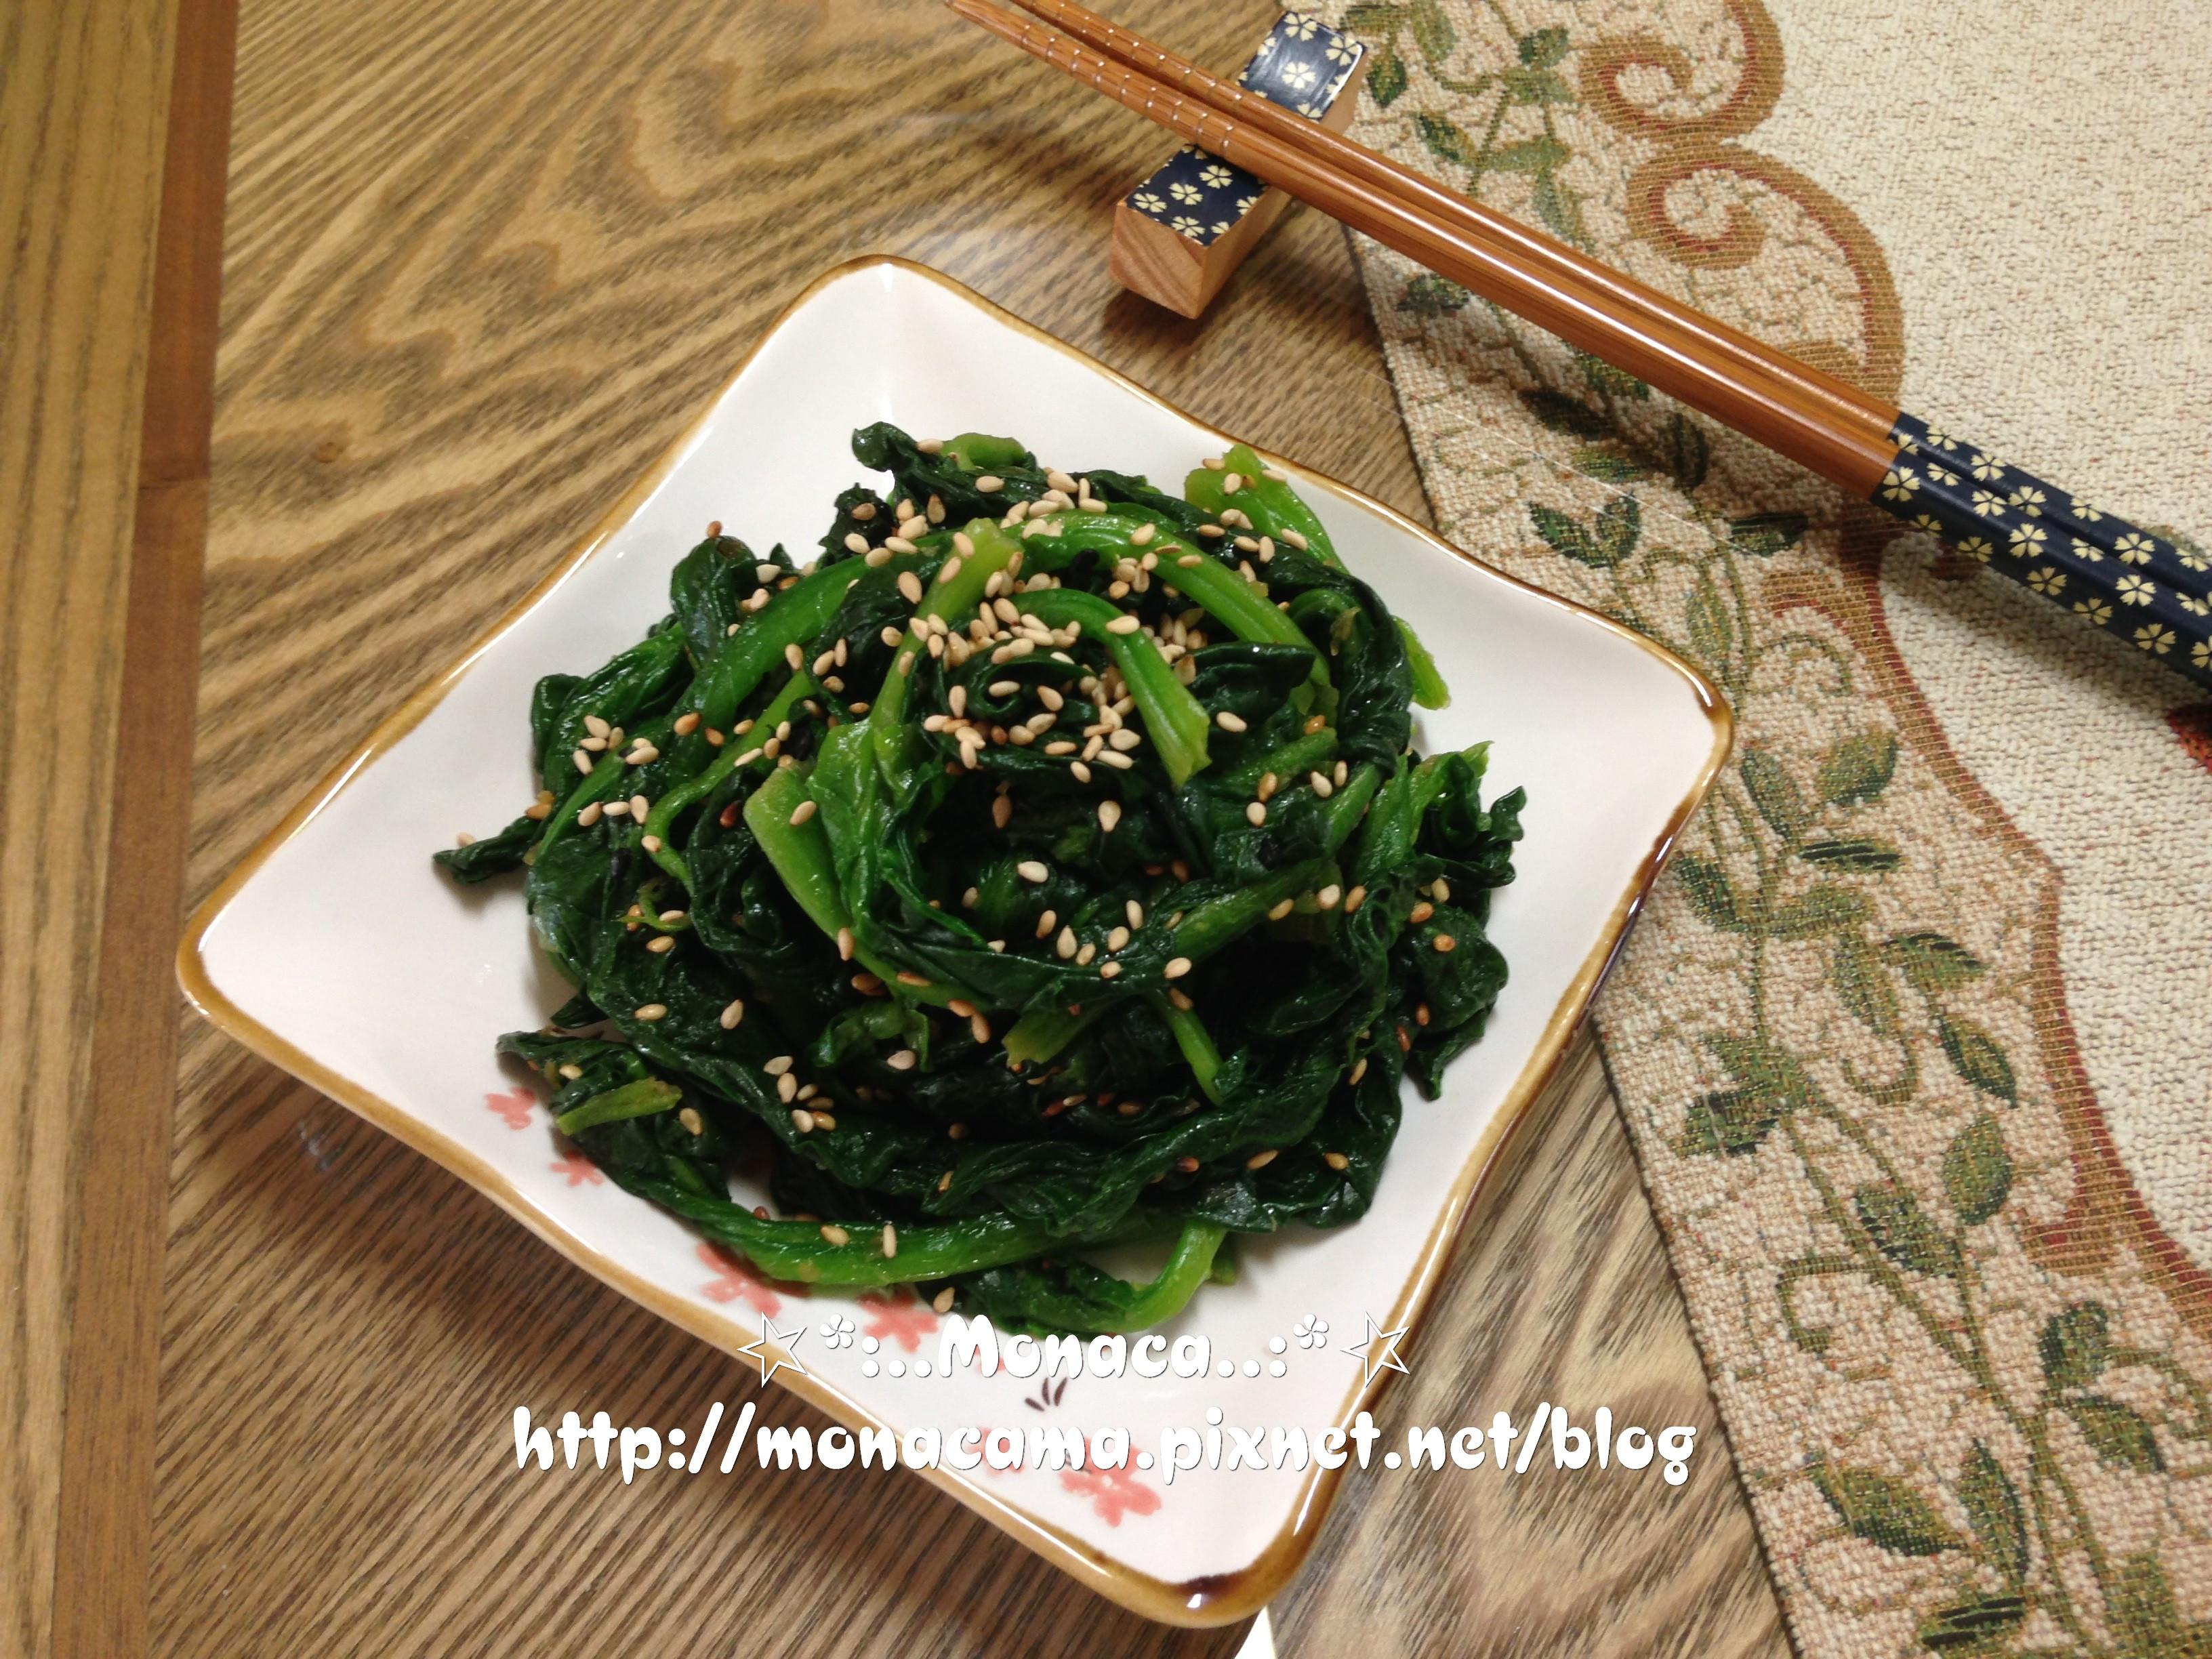 韓式涼拌菠菜시금치무침[一]